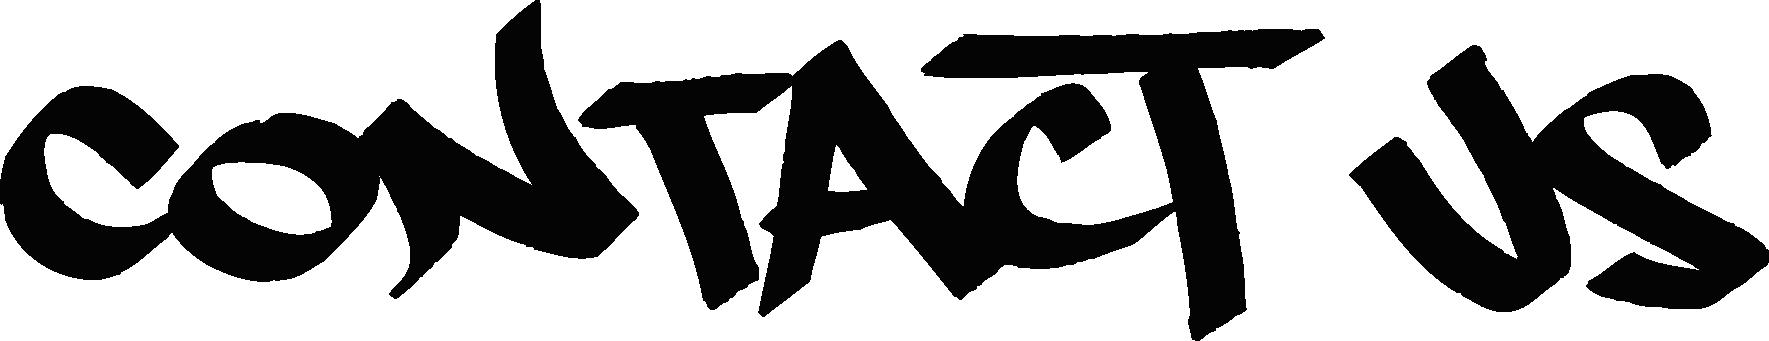 contact_us_tag